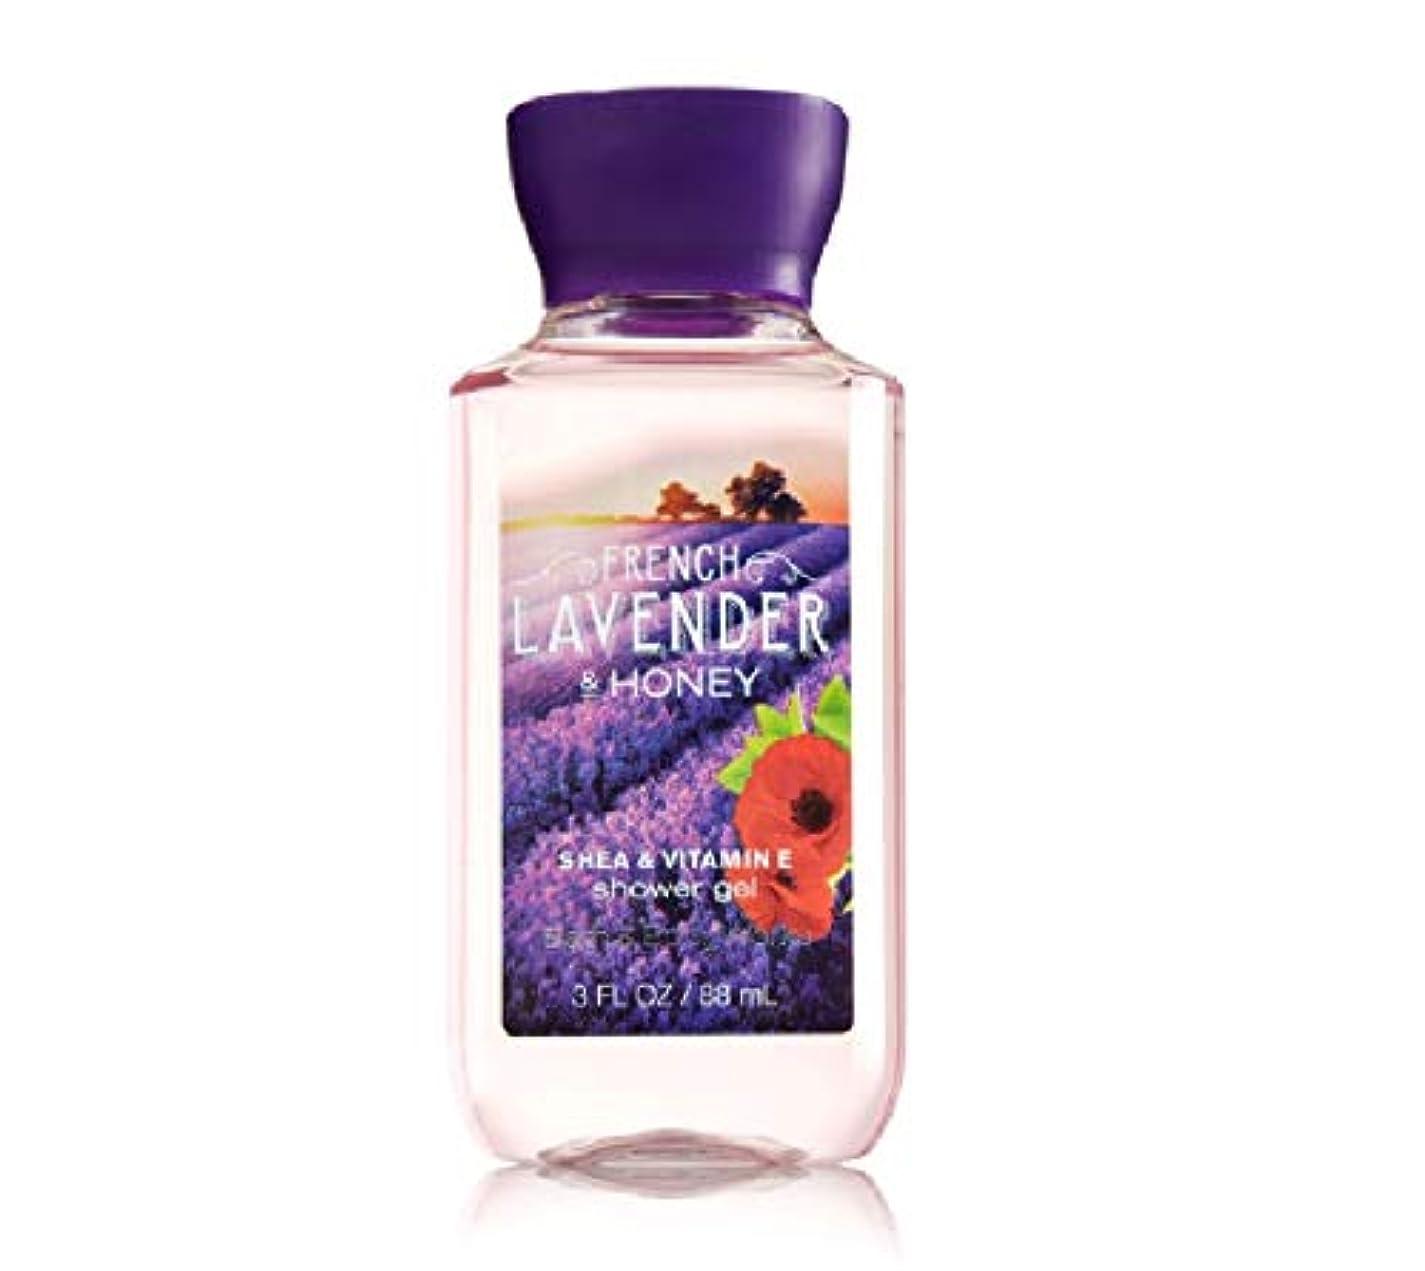 イノセンス降雨ライオネルグリーンストリートバス&ボディワークス フレンチラベンダー&ハニー ボディソープ French Lavender & honey トラベルサイズ [並行輸入品]